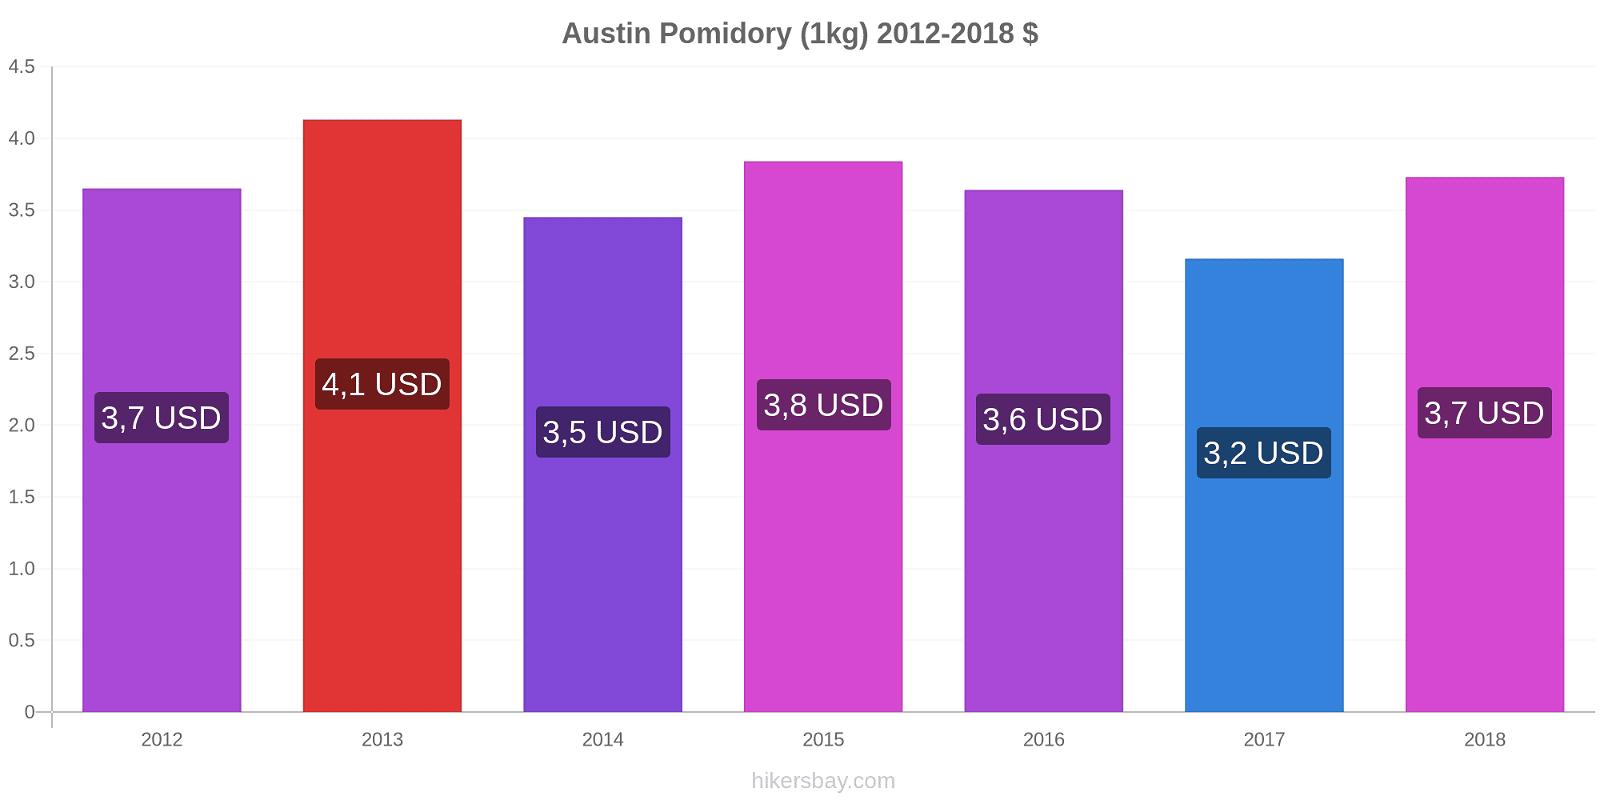 Austin zmiany cen Pomidory (1kg) hikersbay.com